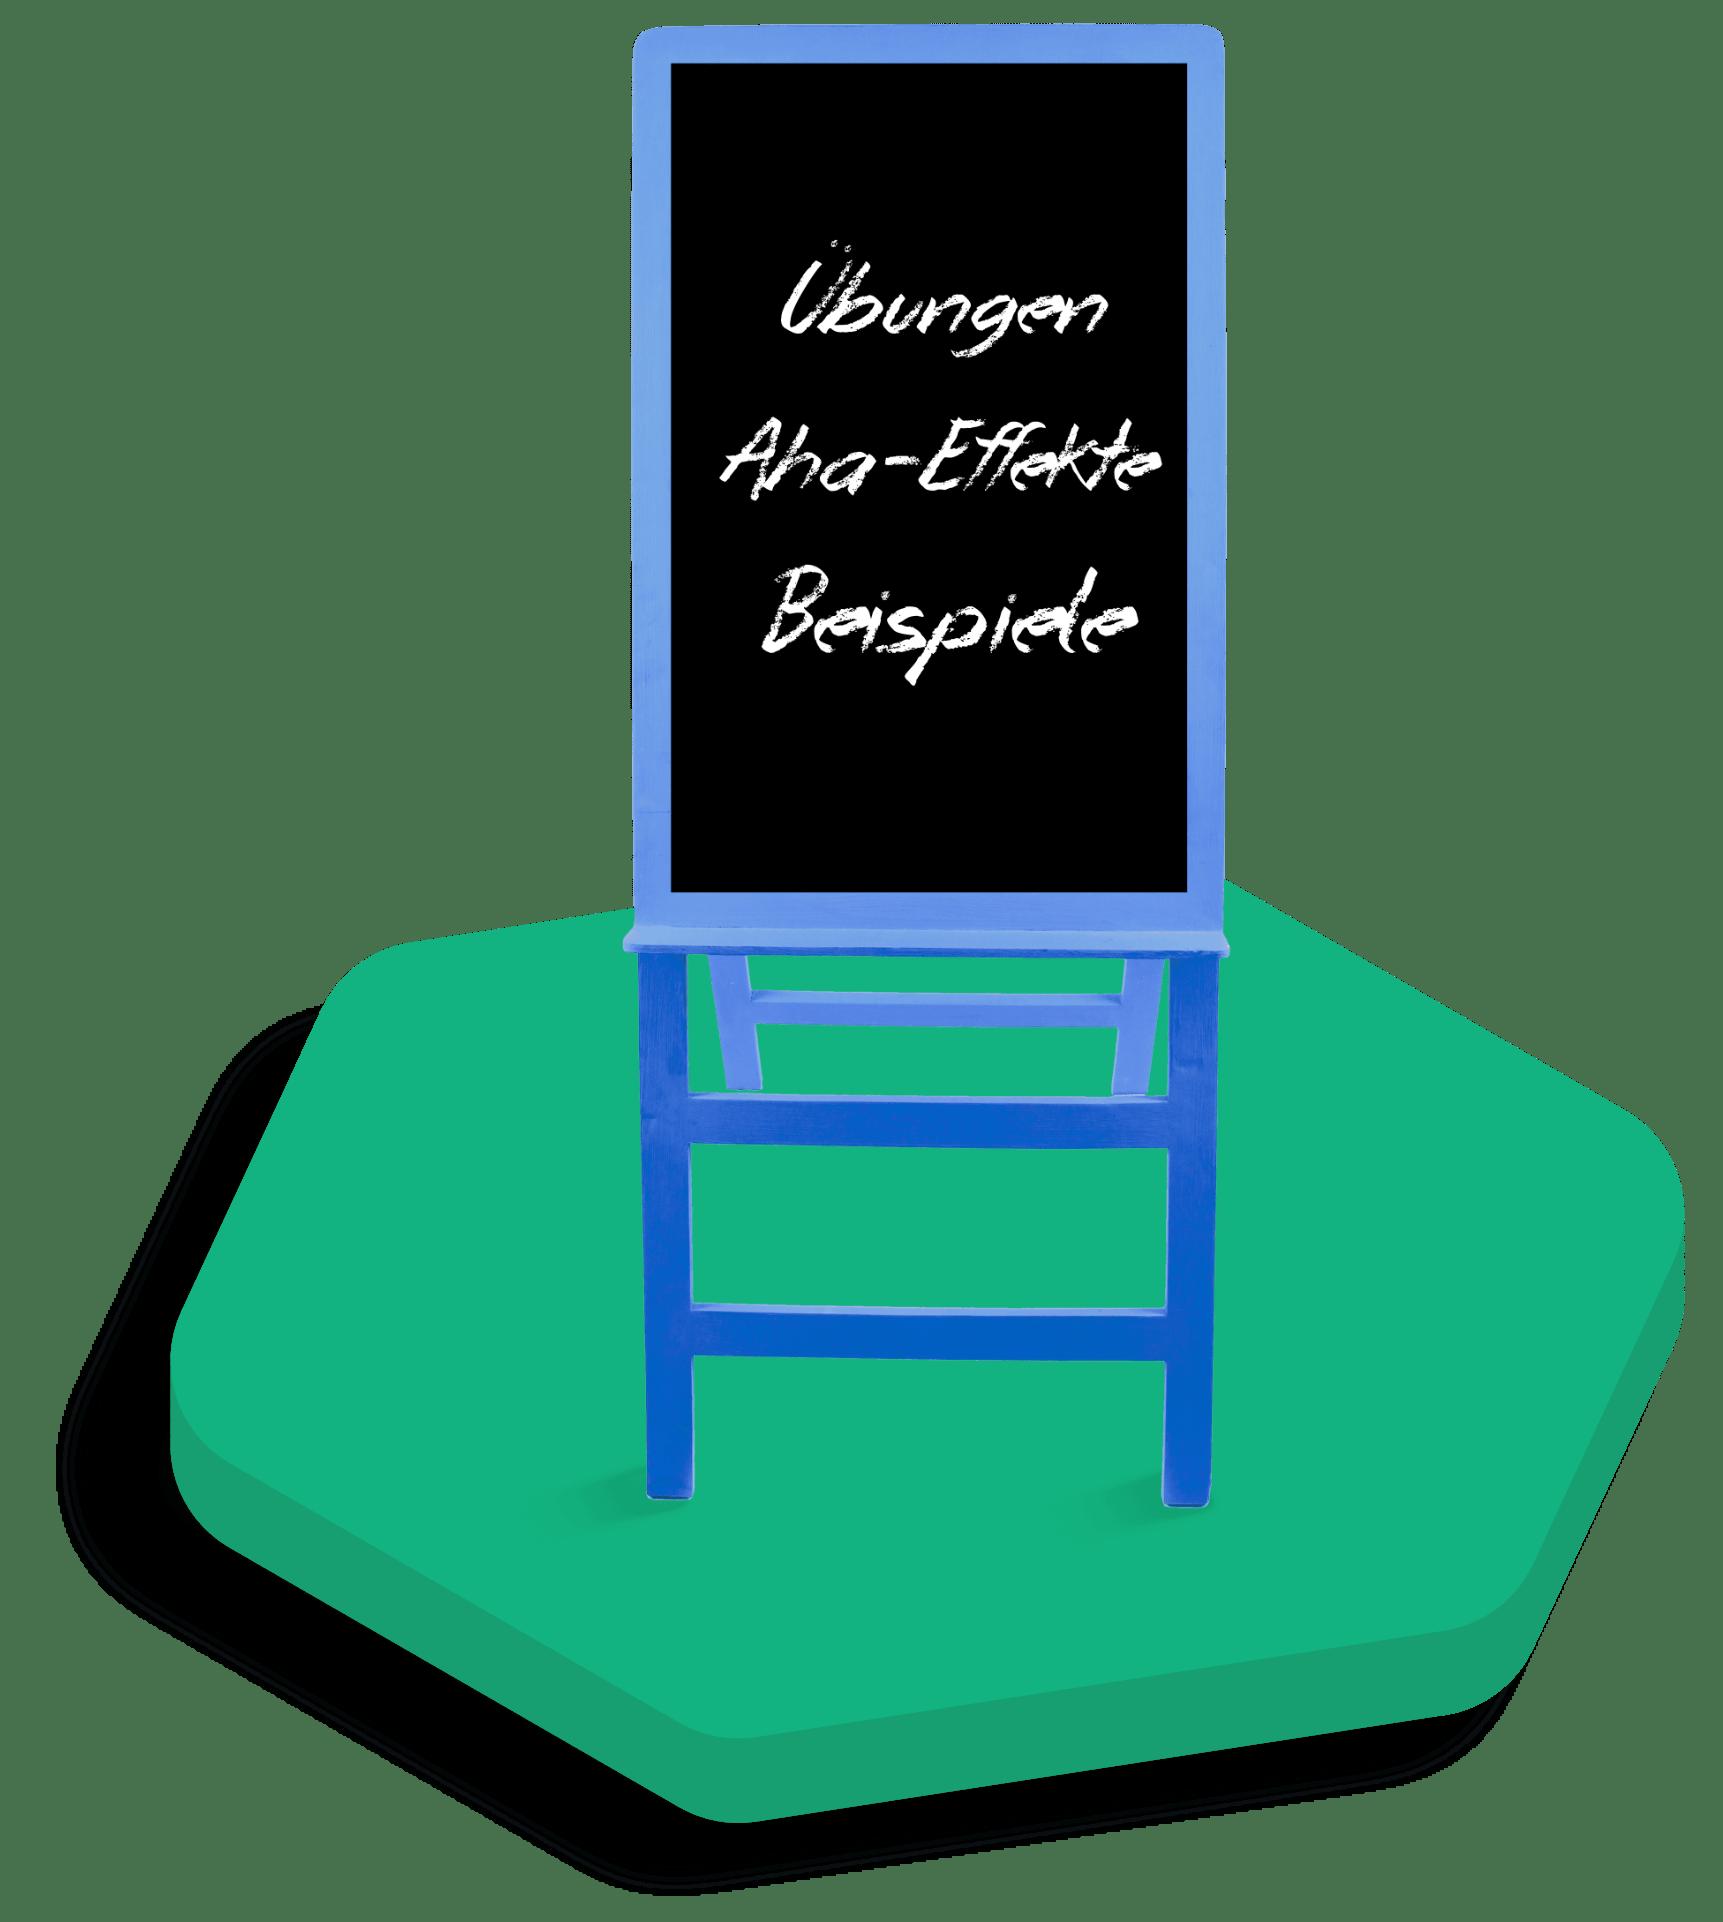 Tafel mit Highlights